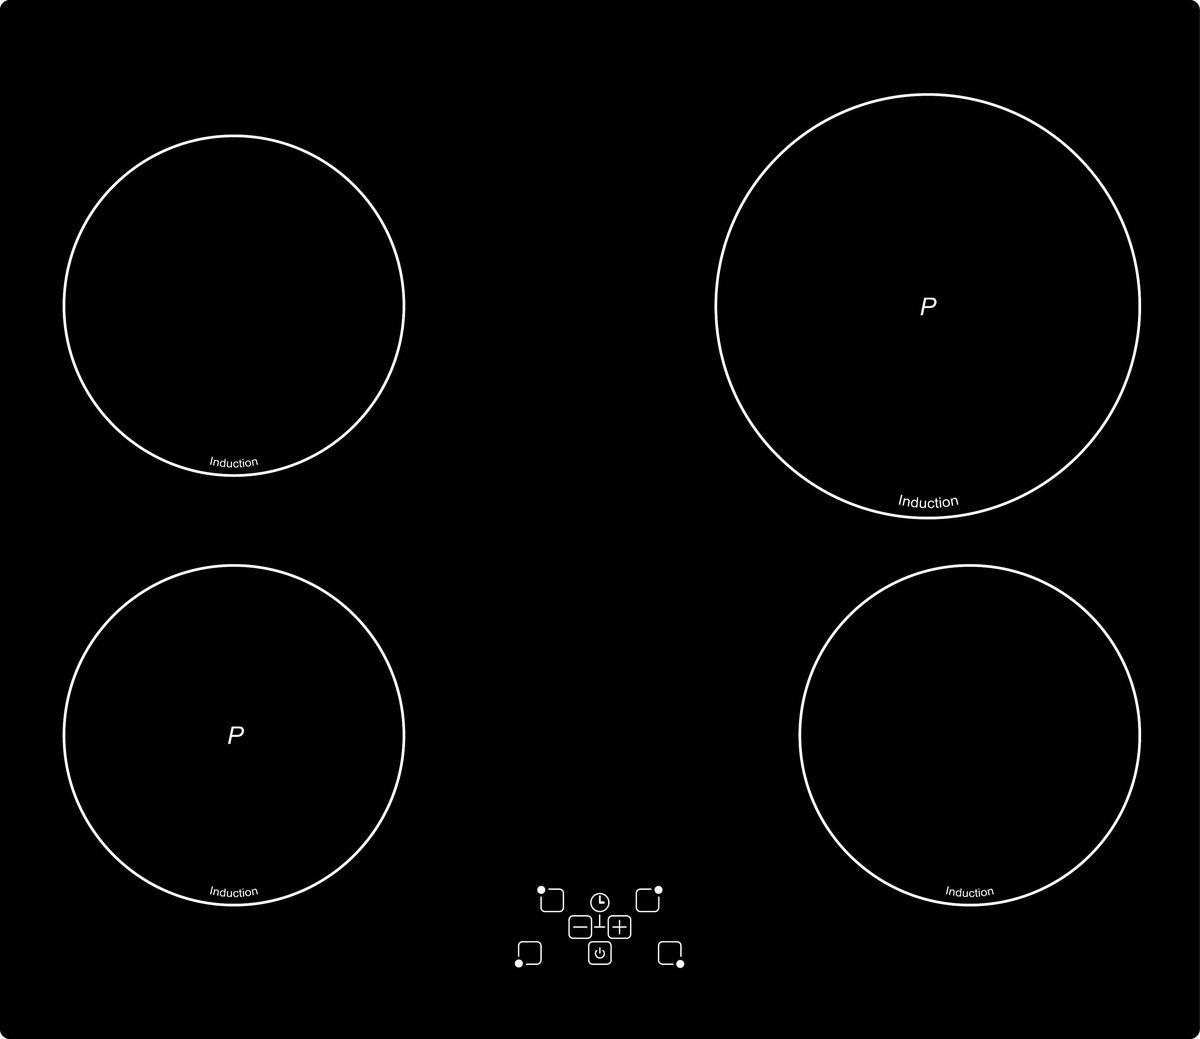 Simfer H60I18B001 панель варочная индукционнаяH60I18B001Индукционная варочная панель Simfer H60I18B001. Скорость и точность для получения еще более восхитительных результатов: Реализуйте свои таланты и воспользуйтесь скоростью и точностью, обычно доступной лишь профессиональным шеф-поварам. Индукционный метод нагрева обеспечивает мгновенную и точную регулировку. Неизменно сверкает чистотой благодаря технологии индукционного нагрева: Благодаря профессиональной технологии индукционного нагрева поверхность этой варочной панели никогда сильно не нагревается. Благодаря этому брызги к ней не прикипают и ее можно очистить, просто протерев ее тряпкой. Мгновенный разогрев до высокой температуры сбережет ваше время: Конфорка, нагревающаяся, только когда на ней оказывается посуда: Благодаря технологии индукционного нагрева конфорки этой варочной поверхности включаются только при помещении на них посуды. Стоит убрать посуду, как они автоматически отключаются. ...